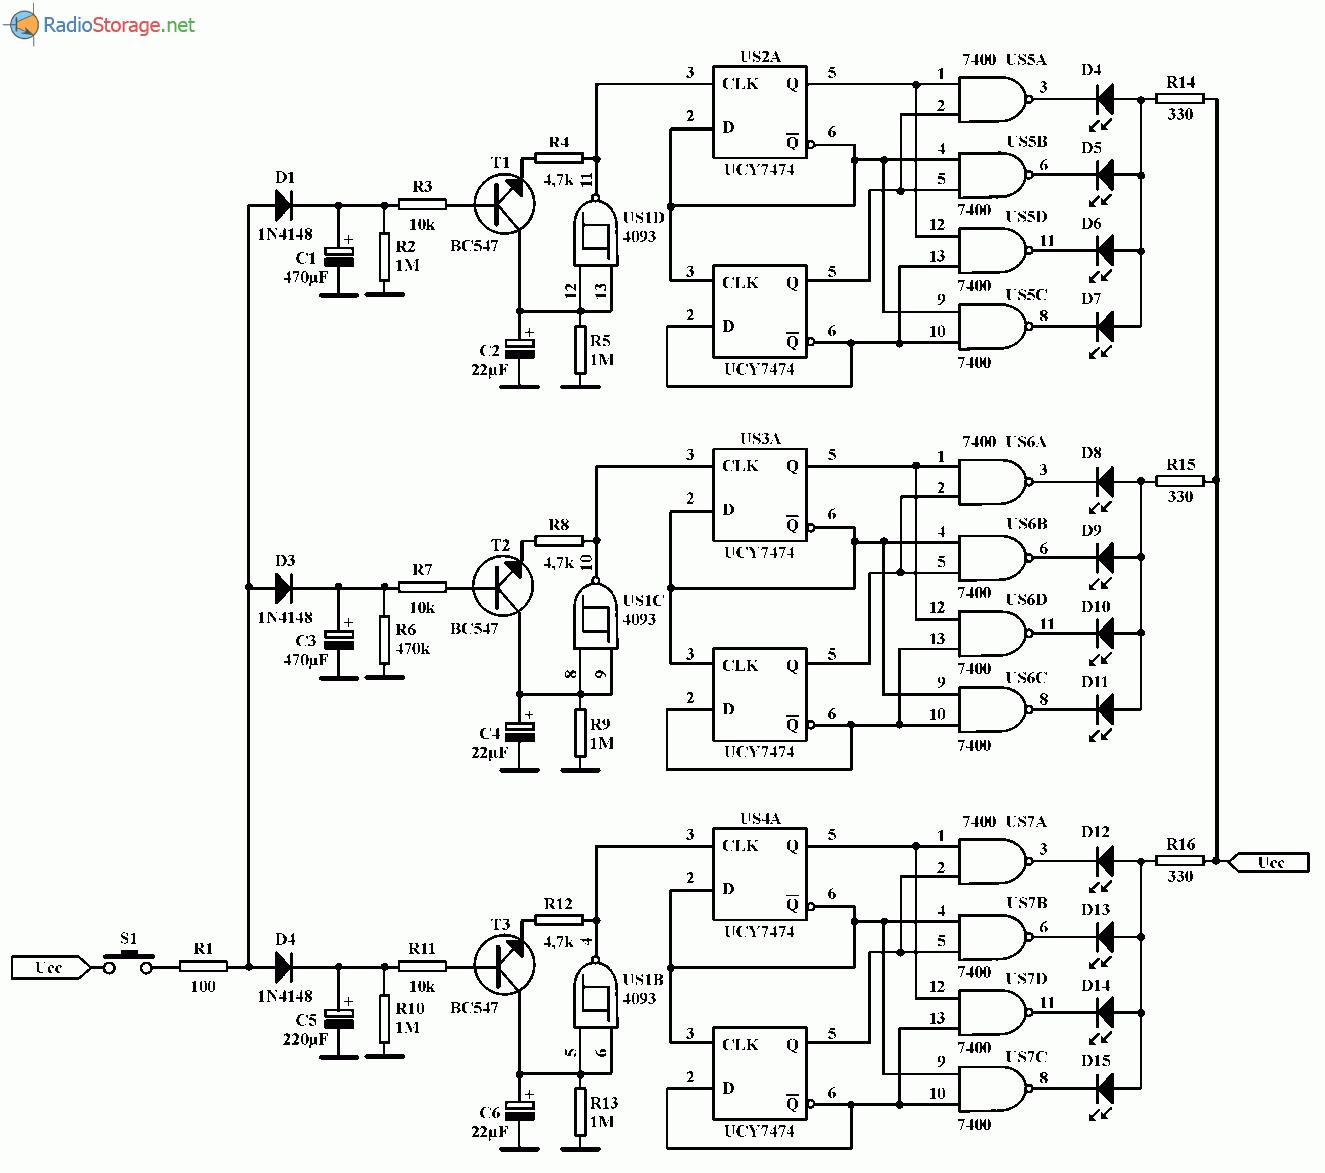 Электронный игровой автомат на светодиодах, схема